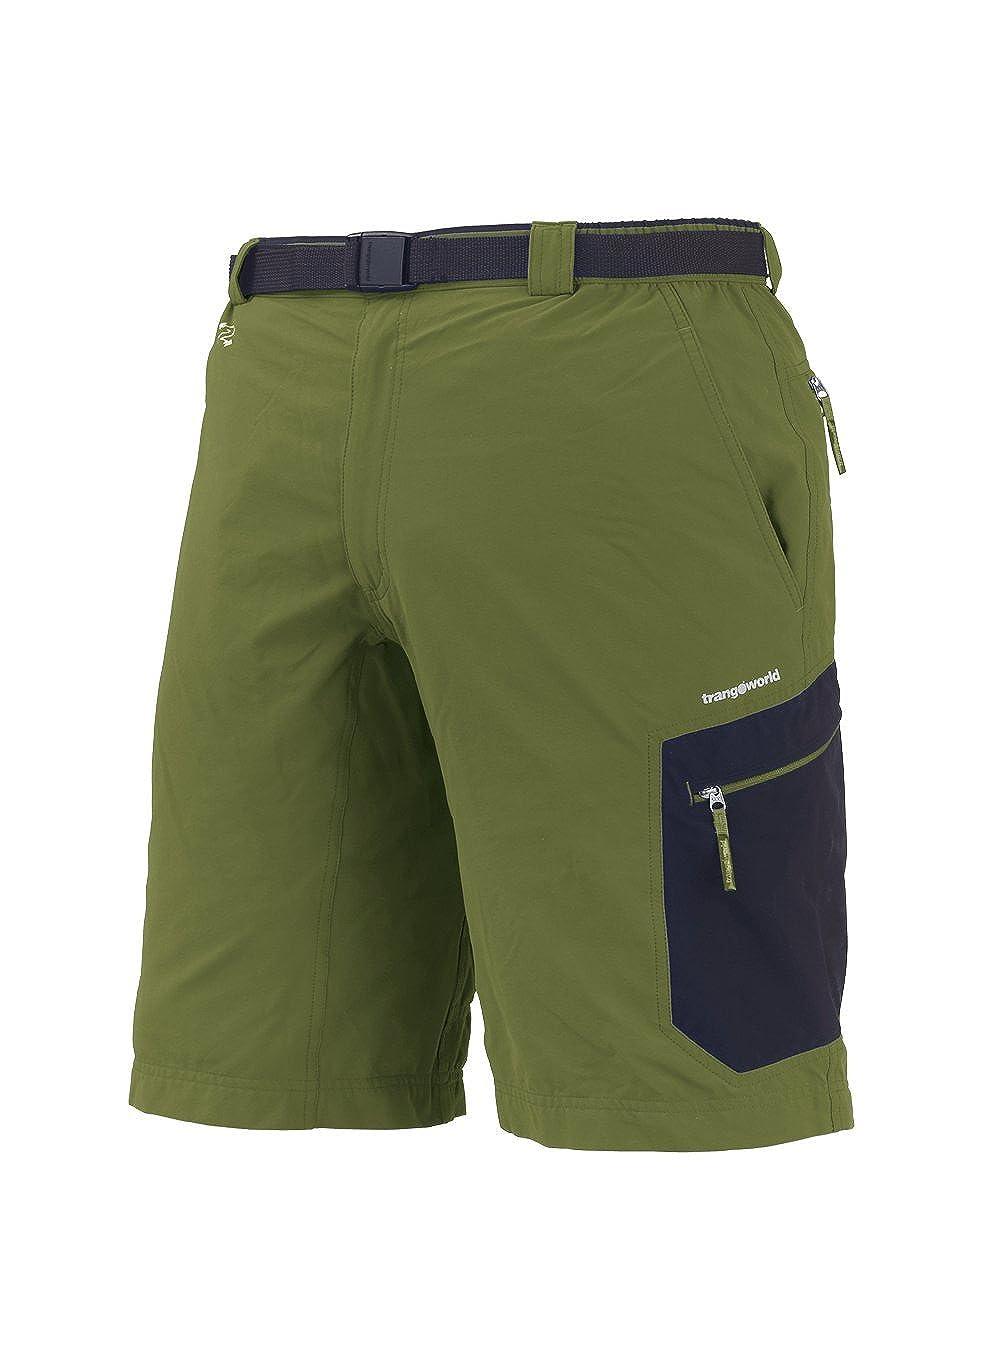 TALLA L. TRANGO Otago - Pantalón Corto para Hombre